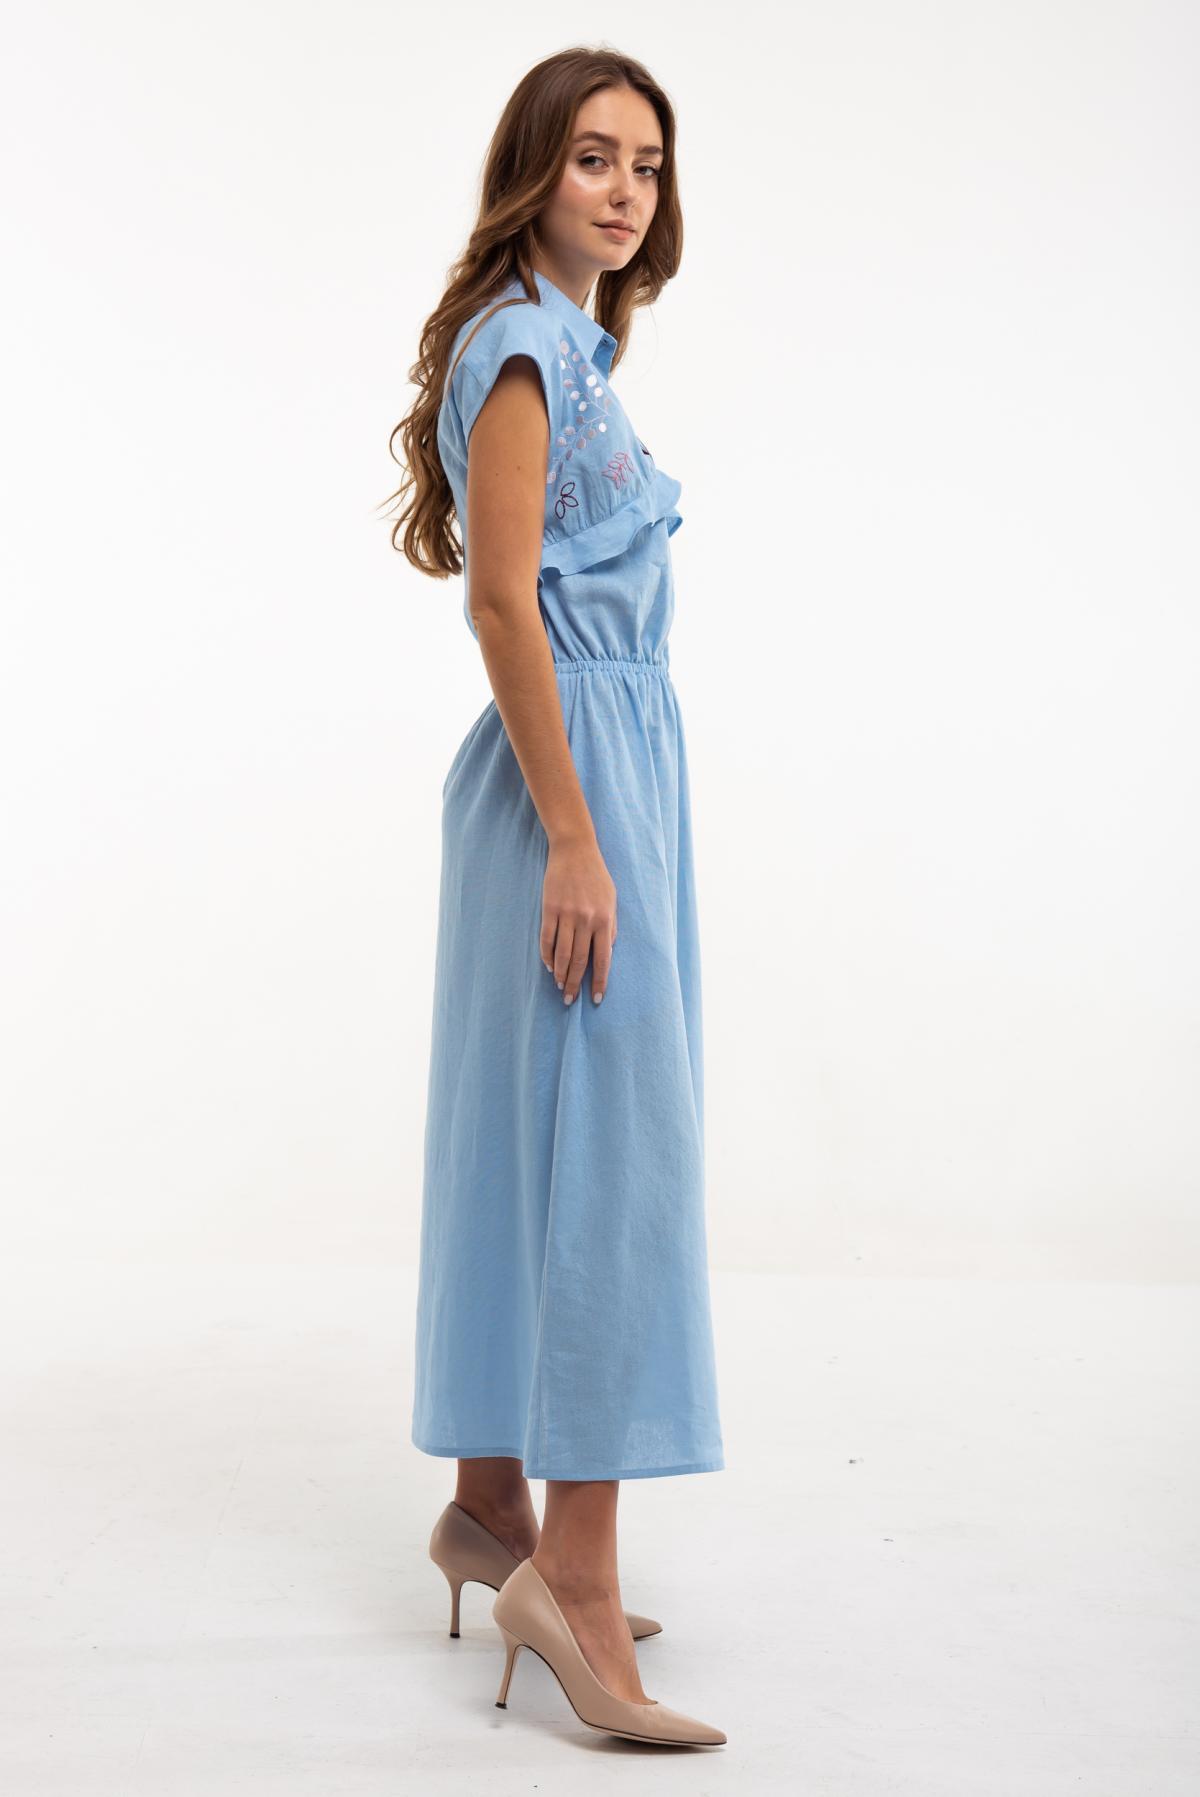 Dress with embroidery Sutsvittya light blue. Photo №2. | Narodnyi dim Ukraine